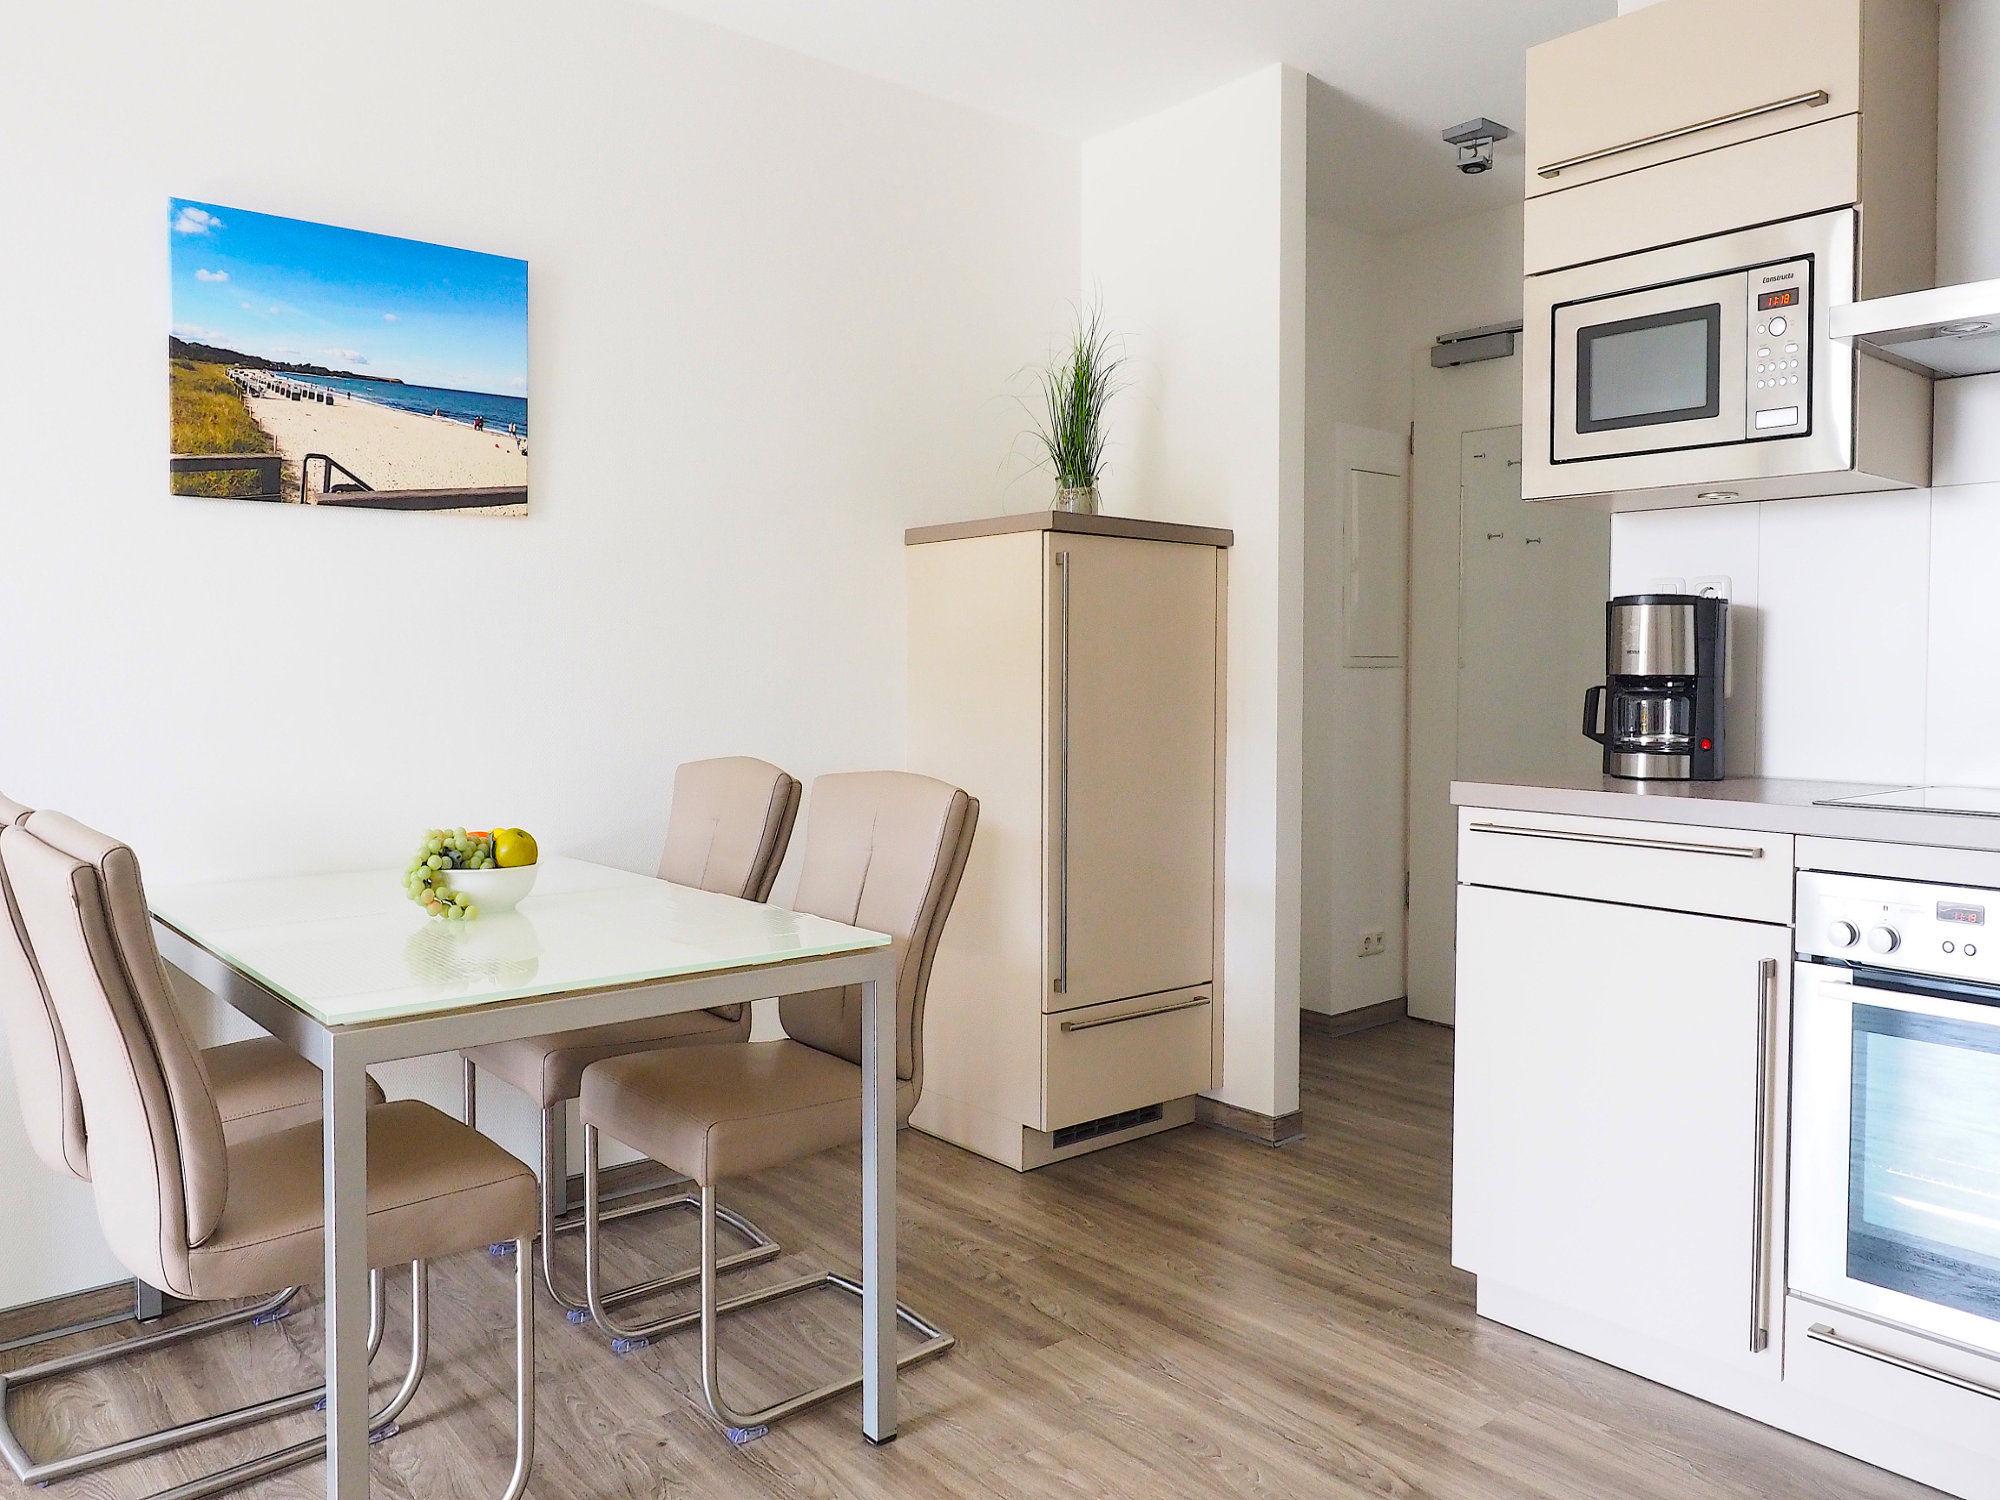 Esstisch mit 4 Stühlen, ein Teil von der Küchenzeile, Kühlschrank rechts vom Esstisch